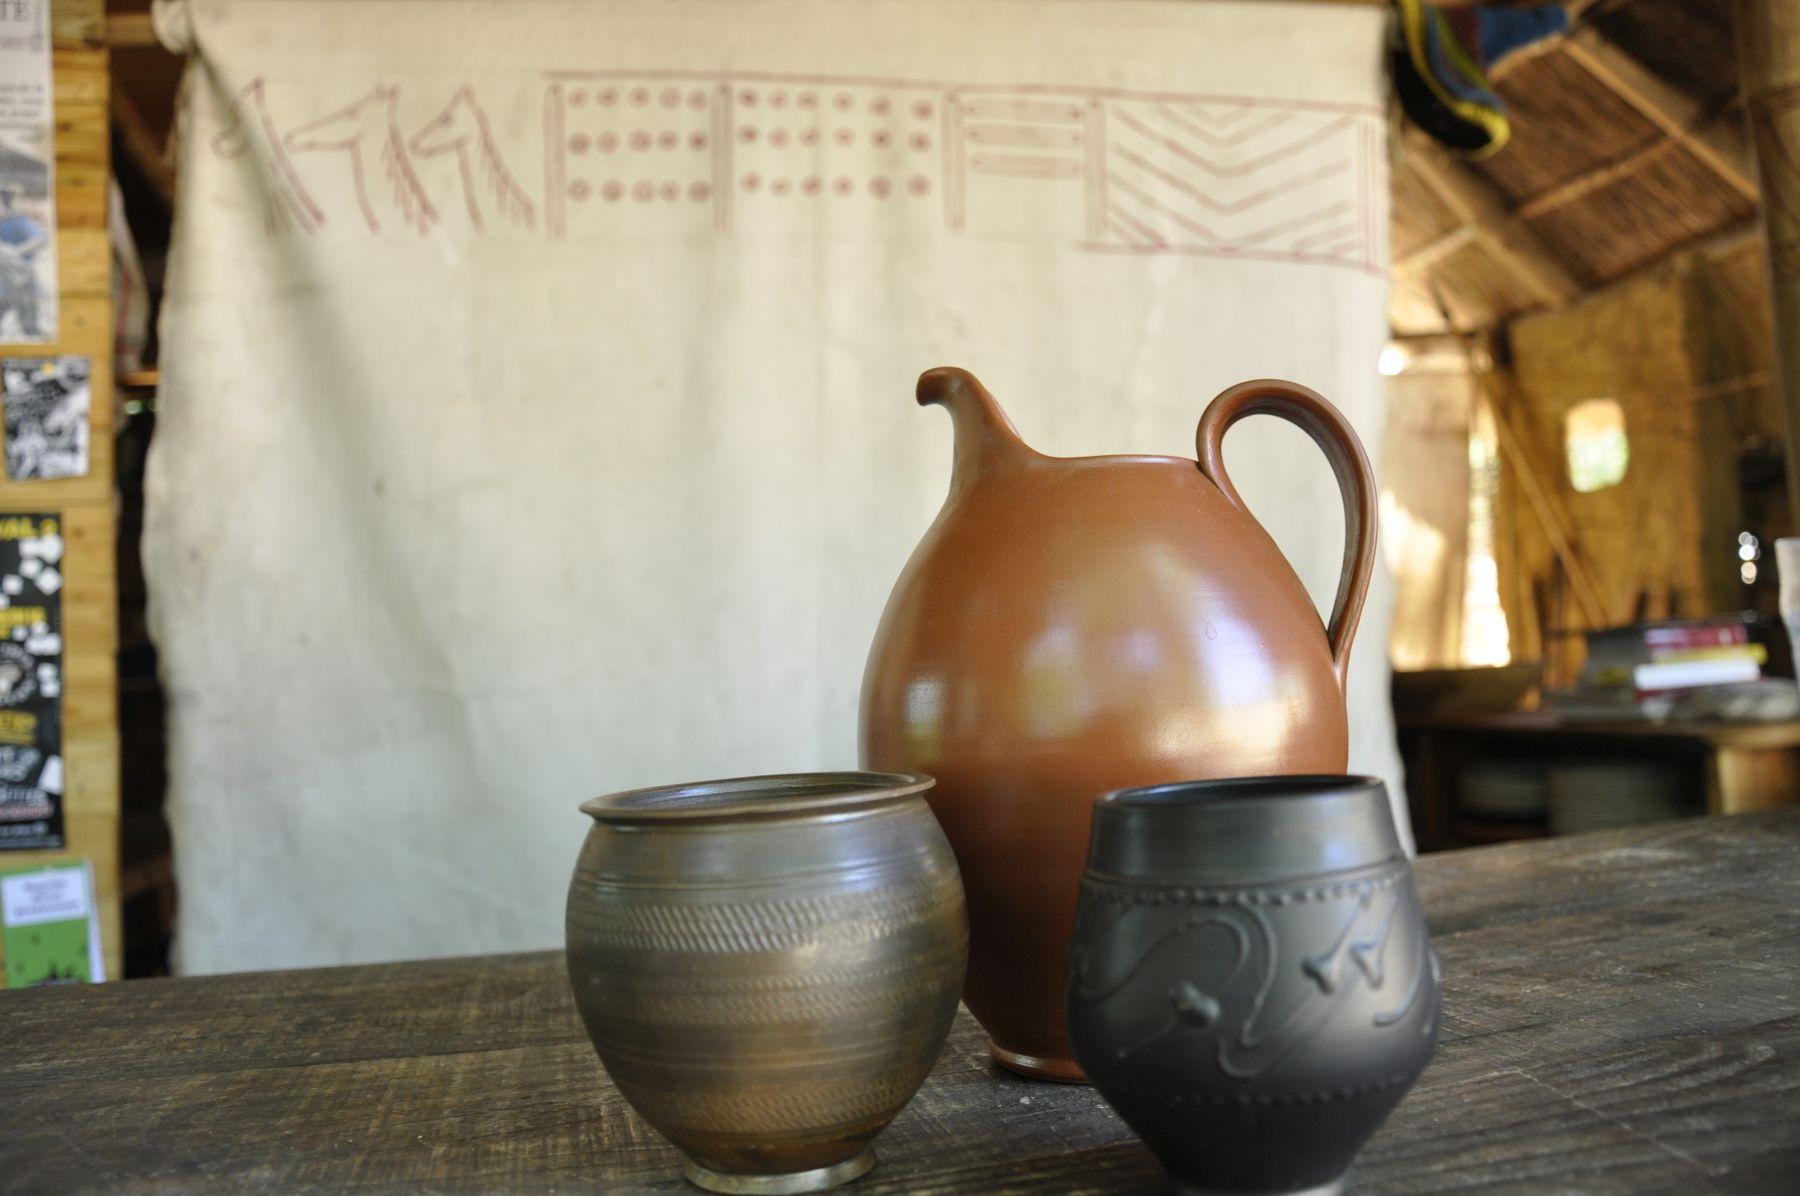 Randa Ardesca Archéosite d'Ardèche - Cruche et godets gaulois en terre cuite